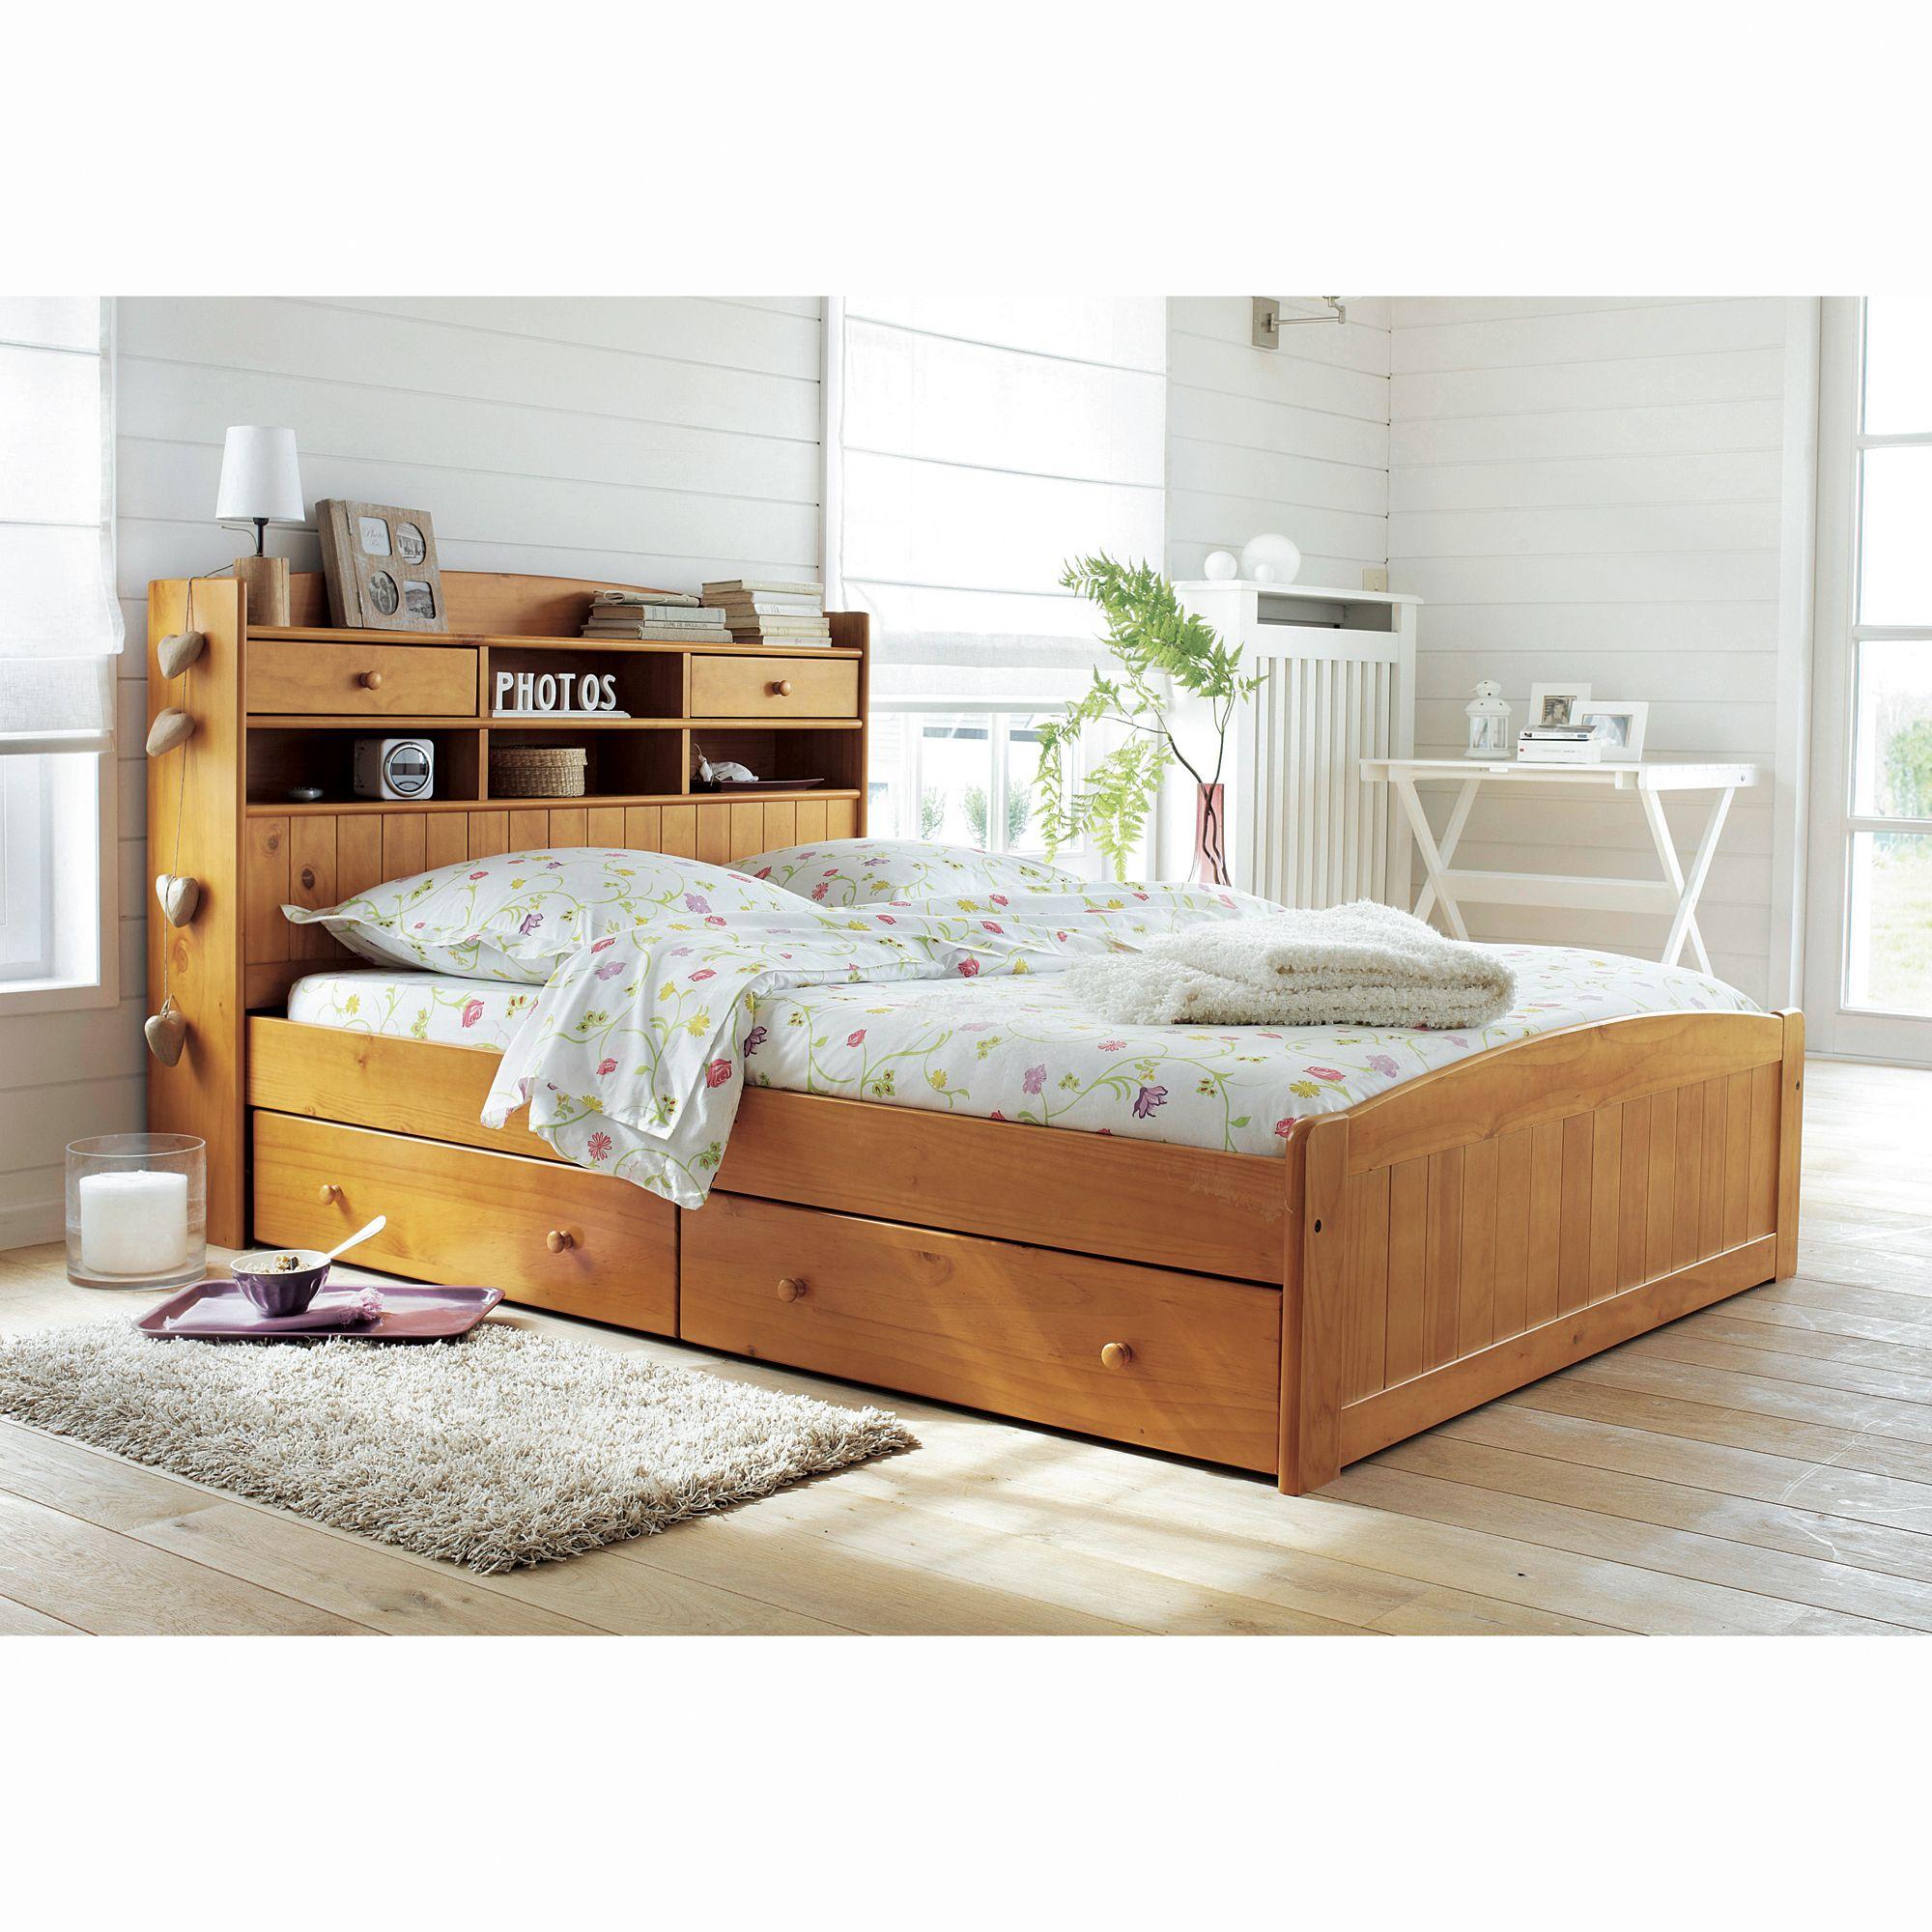 lit adulte lit enfant lit 140 x 190 cm t te de lit tag re 2 tiroirs traversants oxford. Black Bedroom Furniture Sets. Home Design Ideas